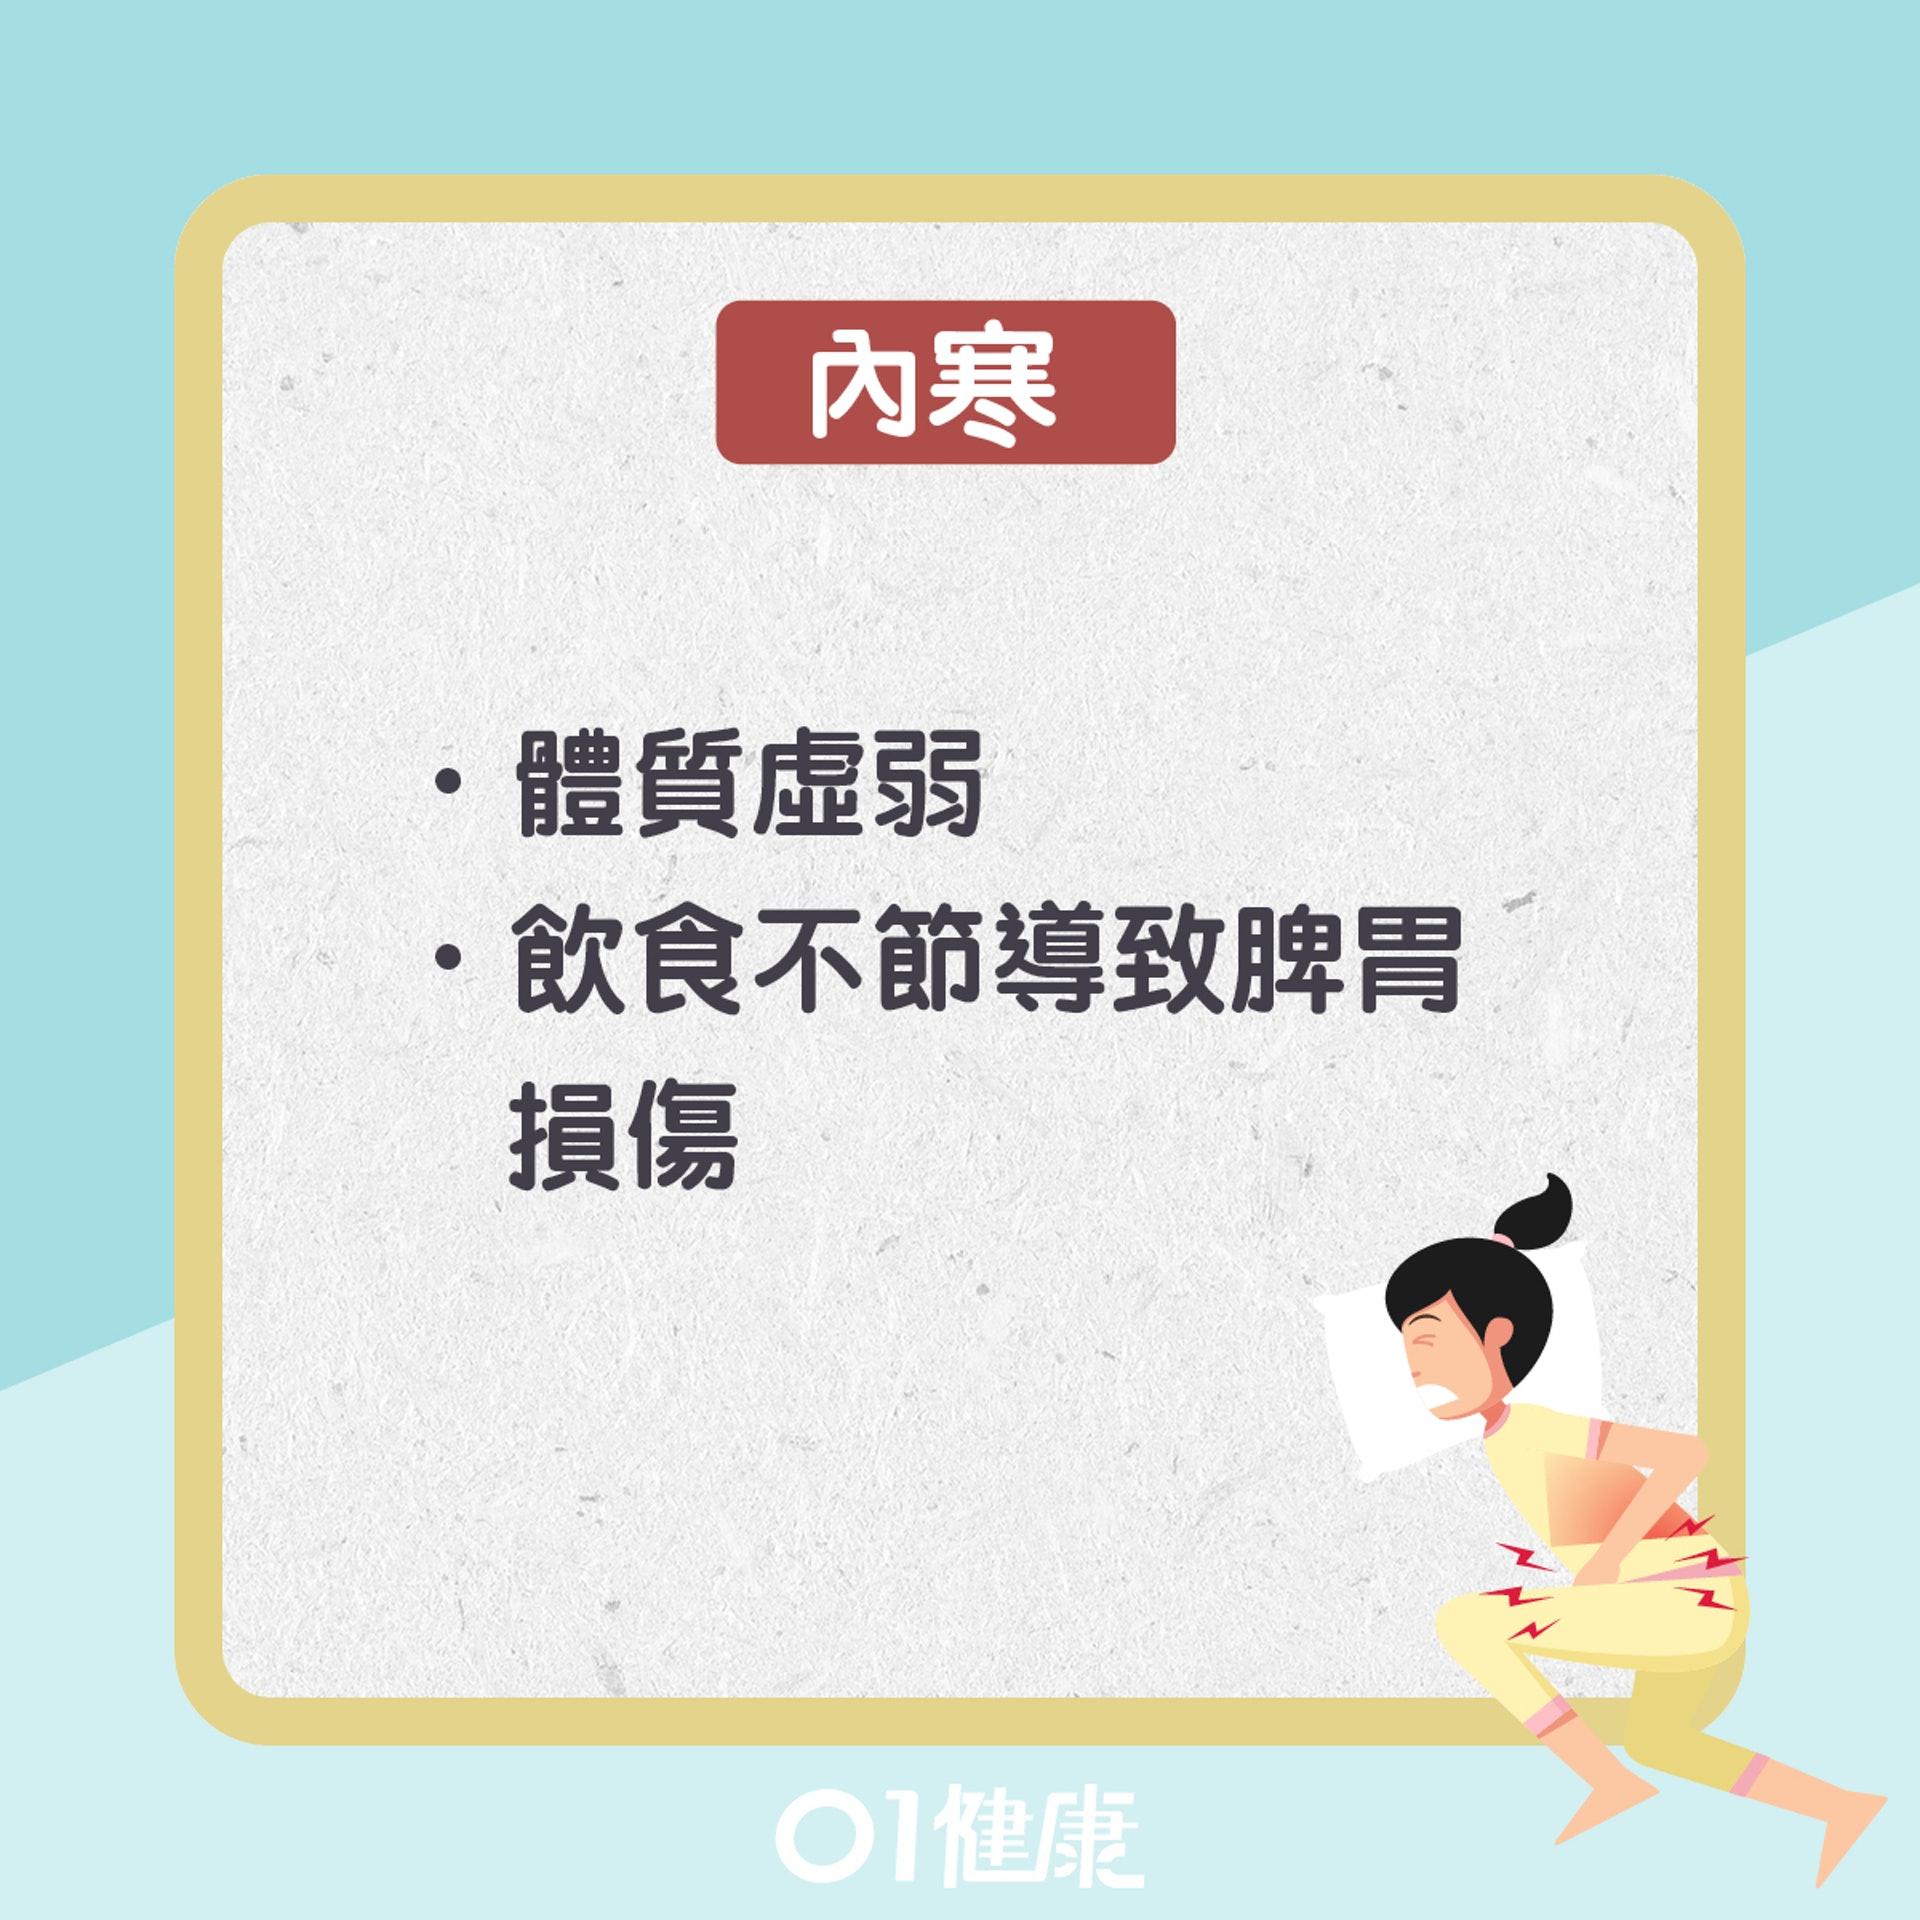 胃寒知多啲(01製圖)